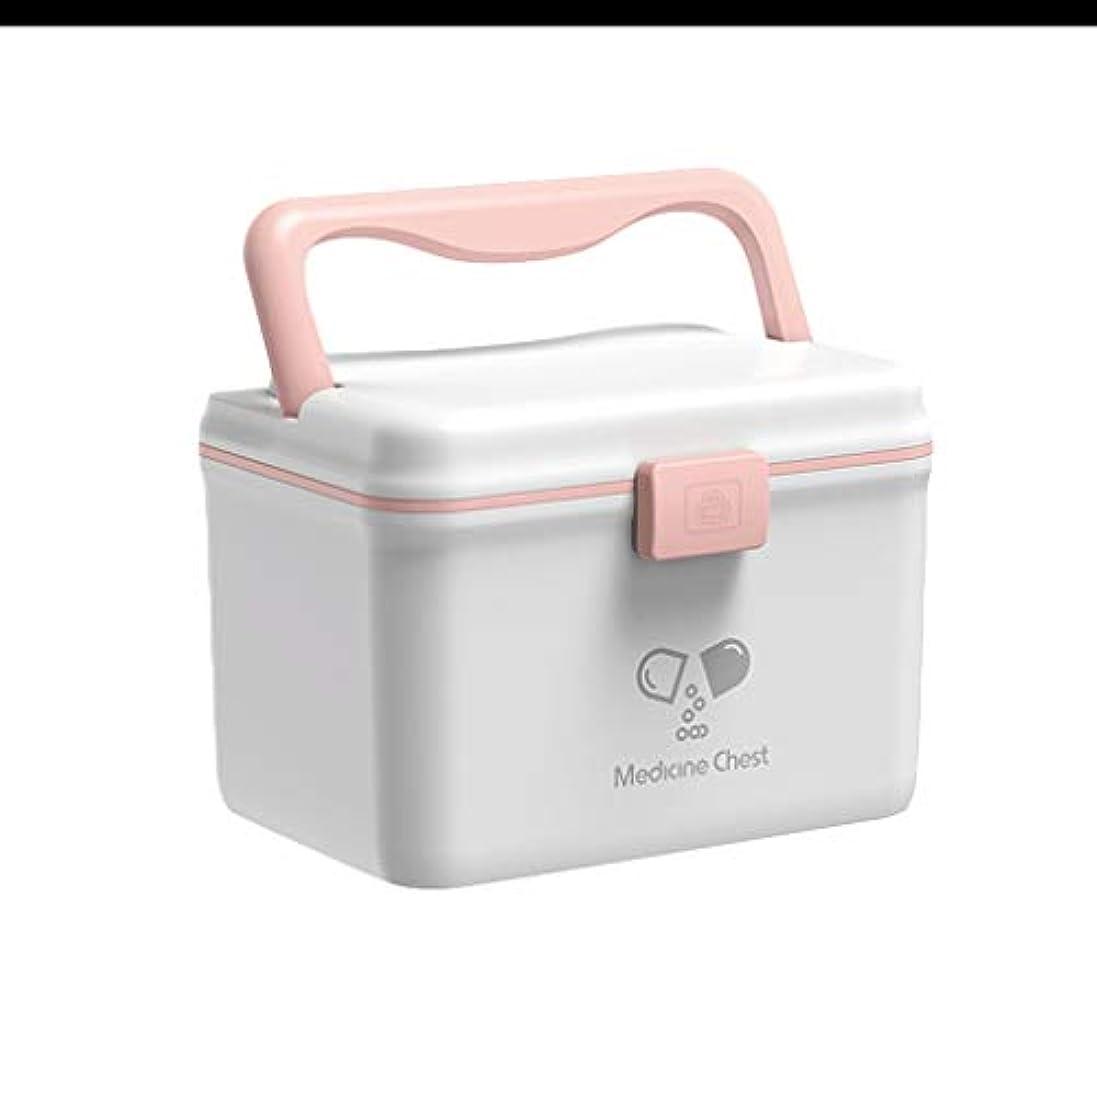 シネマ弱点強風薬箱小、白、青、ピンク、家庭用薬収納ボックス、便利な応急処置キット HUXIUPING (Color : White)